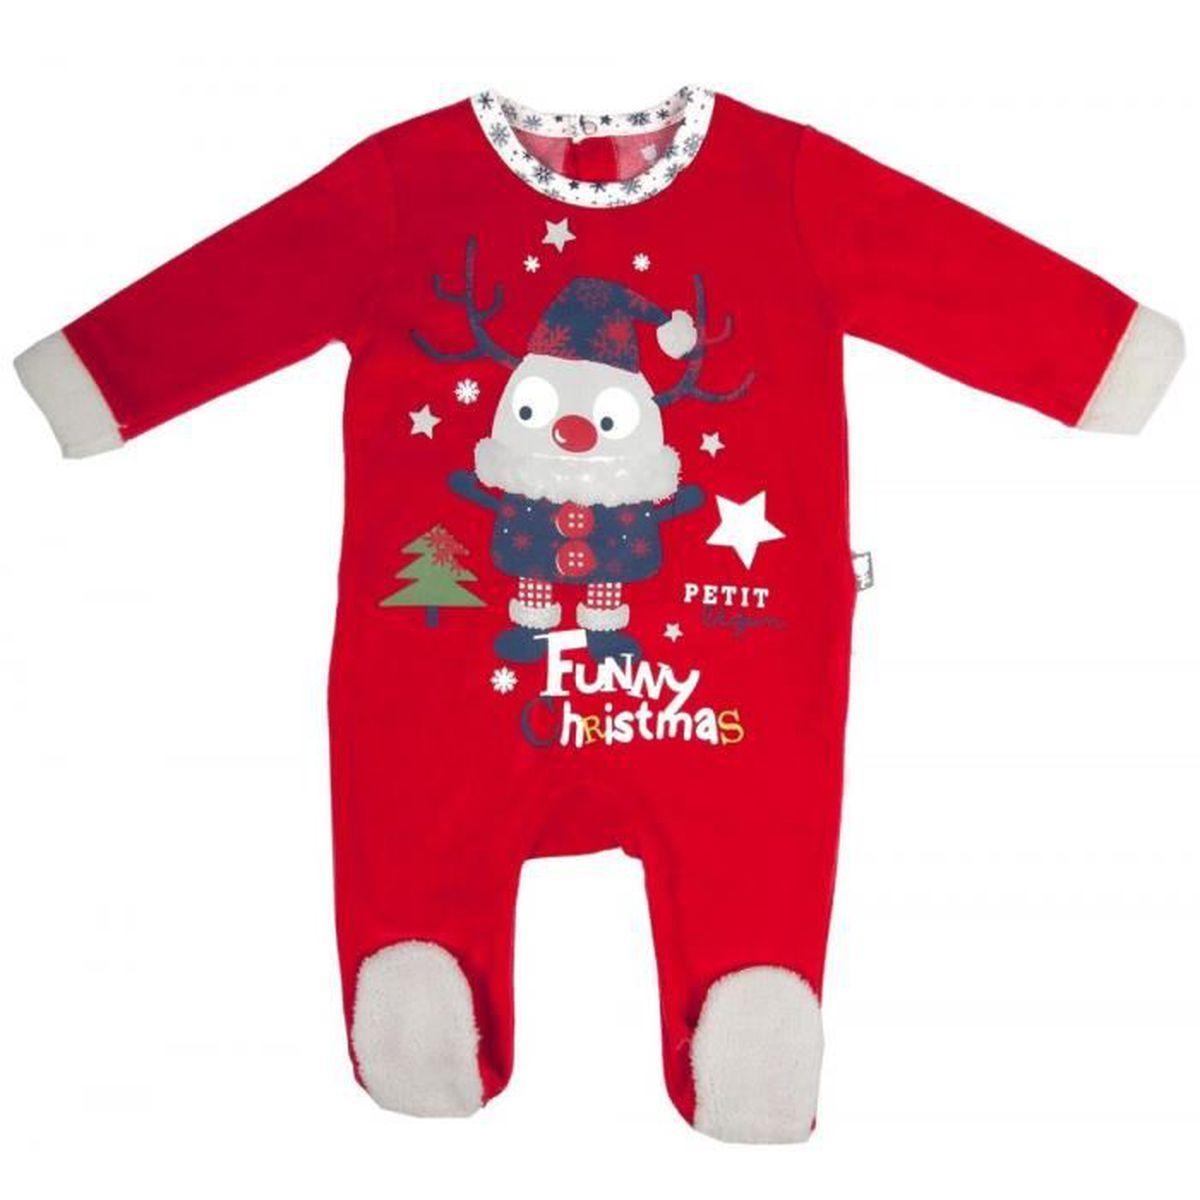 f0a541335cb25 Grenouillère bébé Funny Noel - Taille - 18 mois (86 cm) - Achat ...